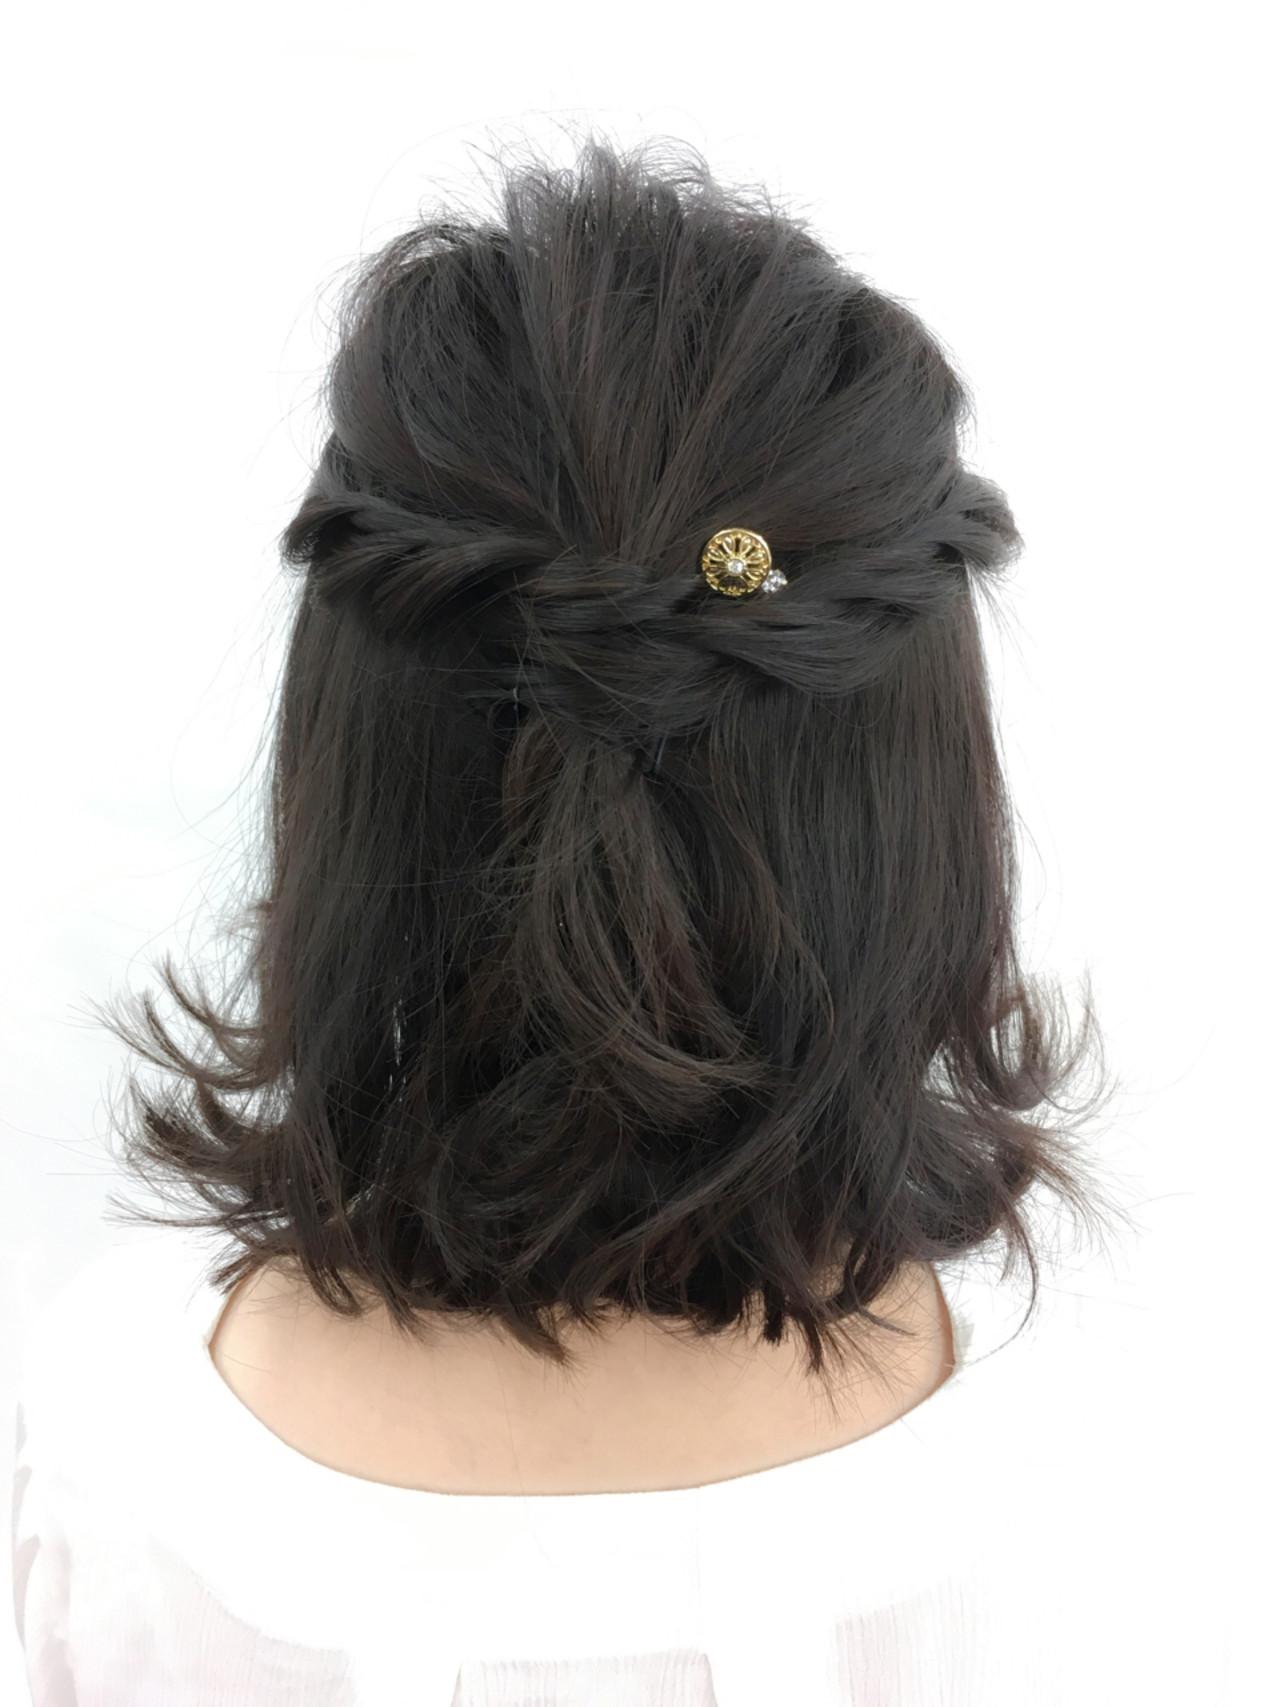 こちらも簡単なねじり編みだけを使った結婚式アレンジです。パールのヘアアクセサリーもいいですが、小さめのピンをちょこんとつけるだけでも充分可愛らしい仕上がりに結び目に髪を巻いて、ゴムを隠すのもポイント。